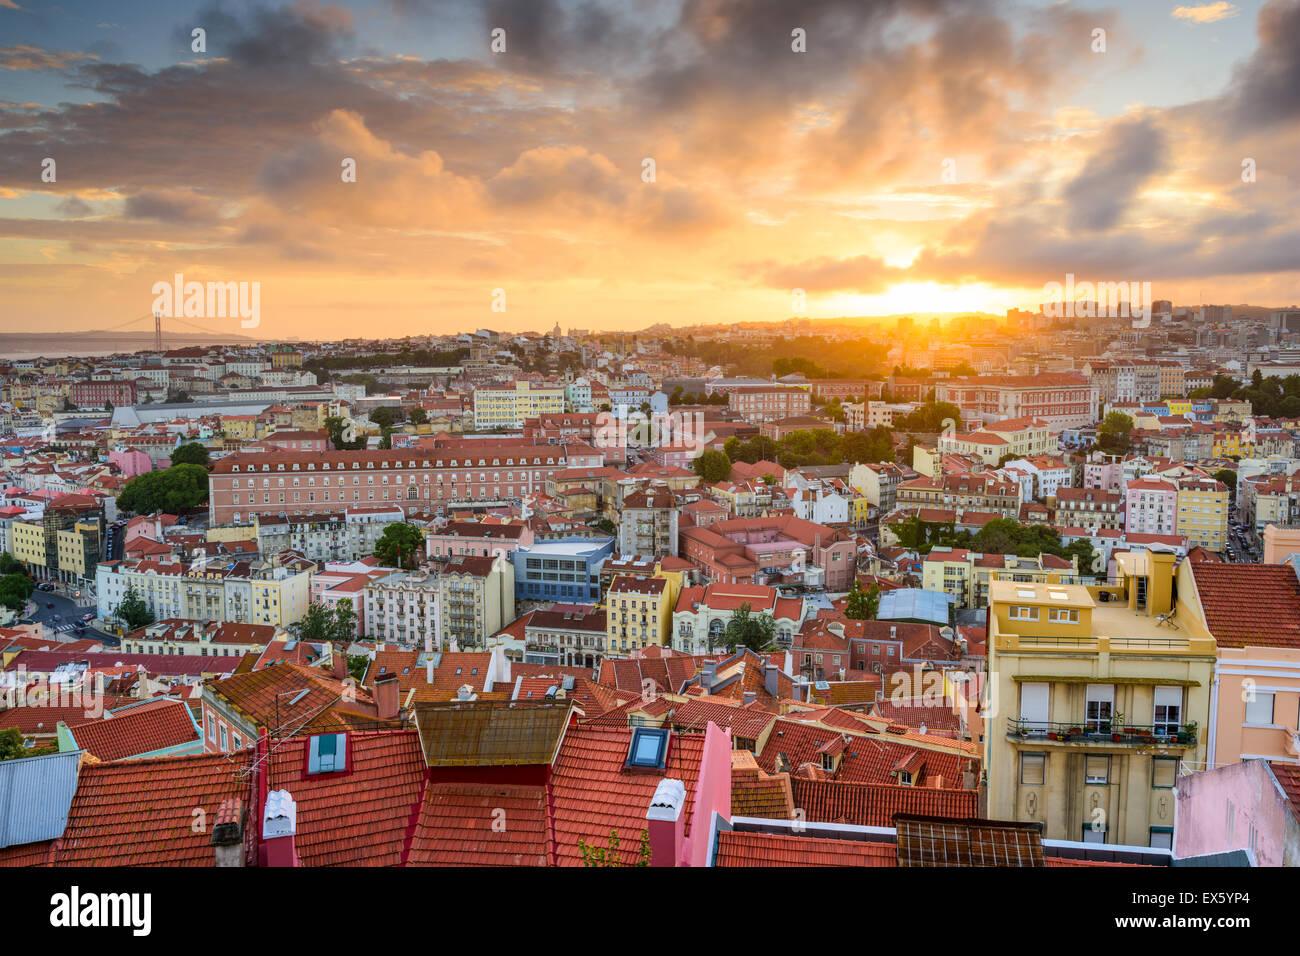 Lisbona, Portogallo città vecchia skyline al tramonto. Foto Stock